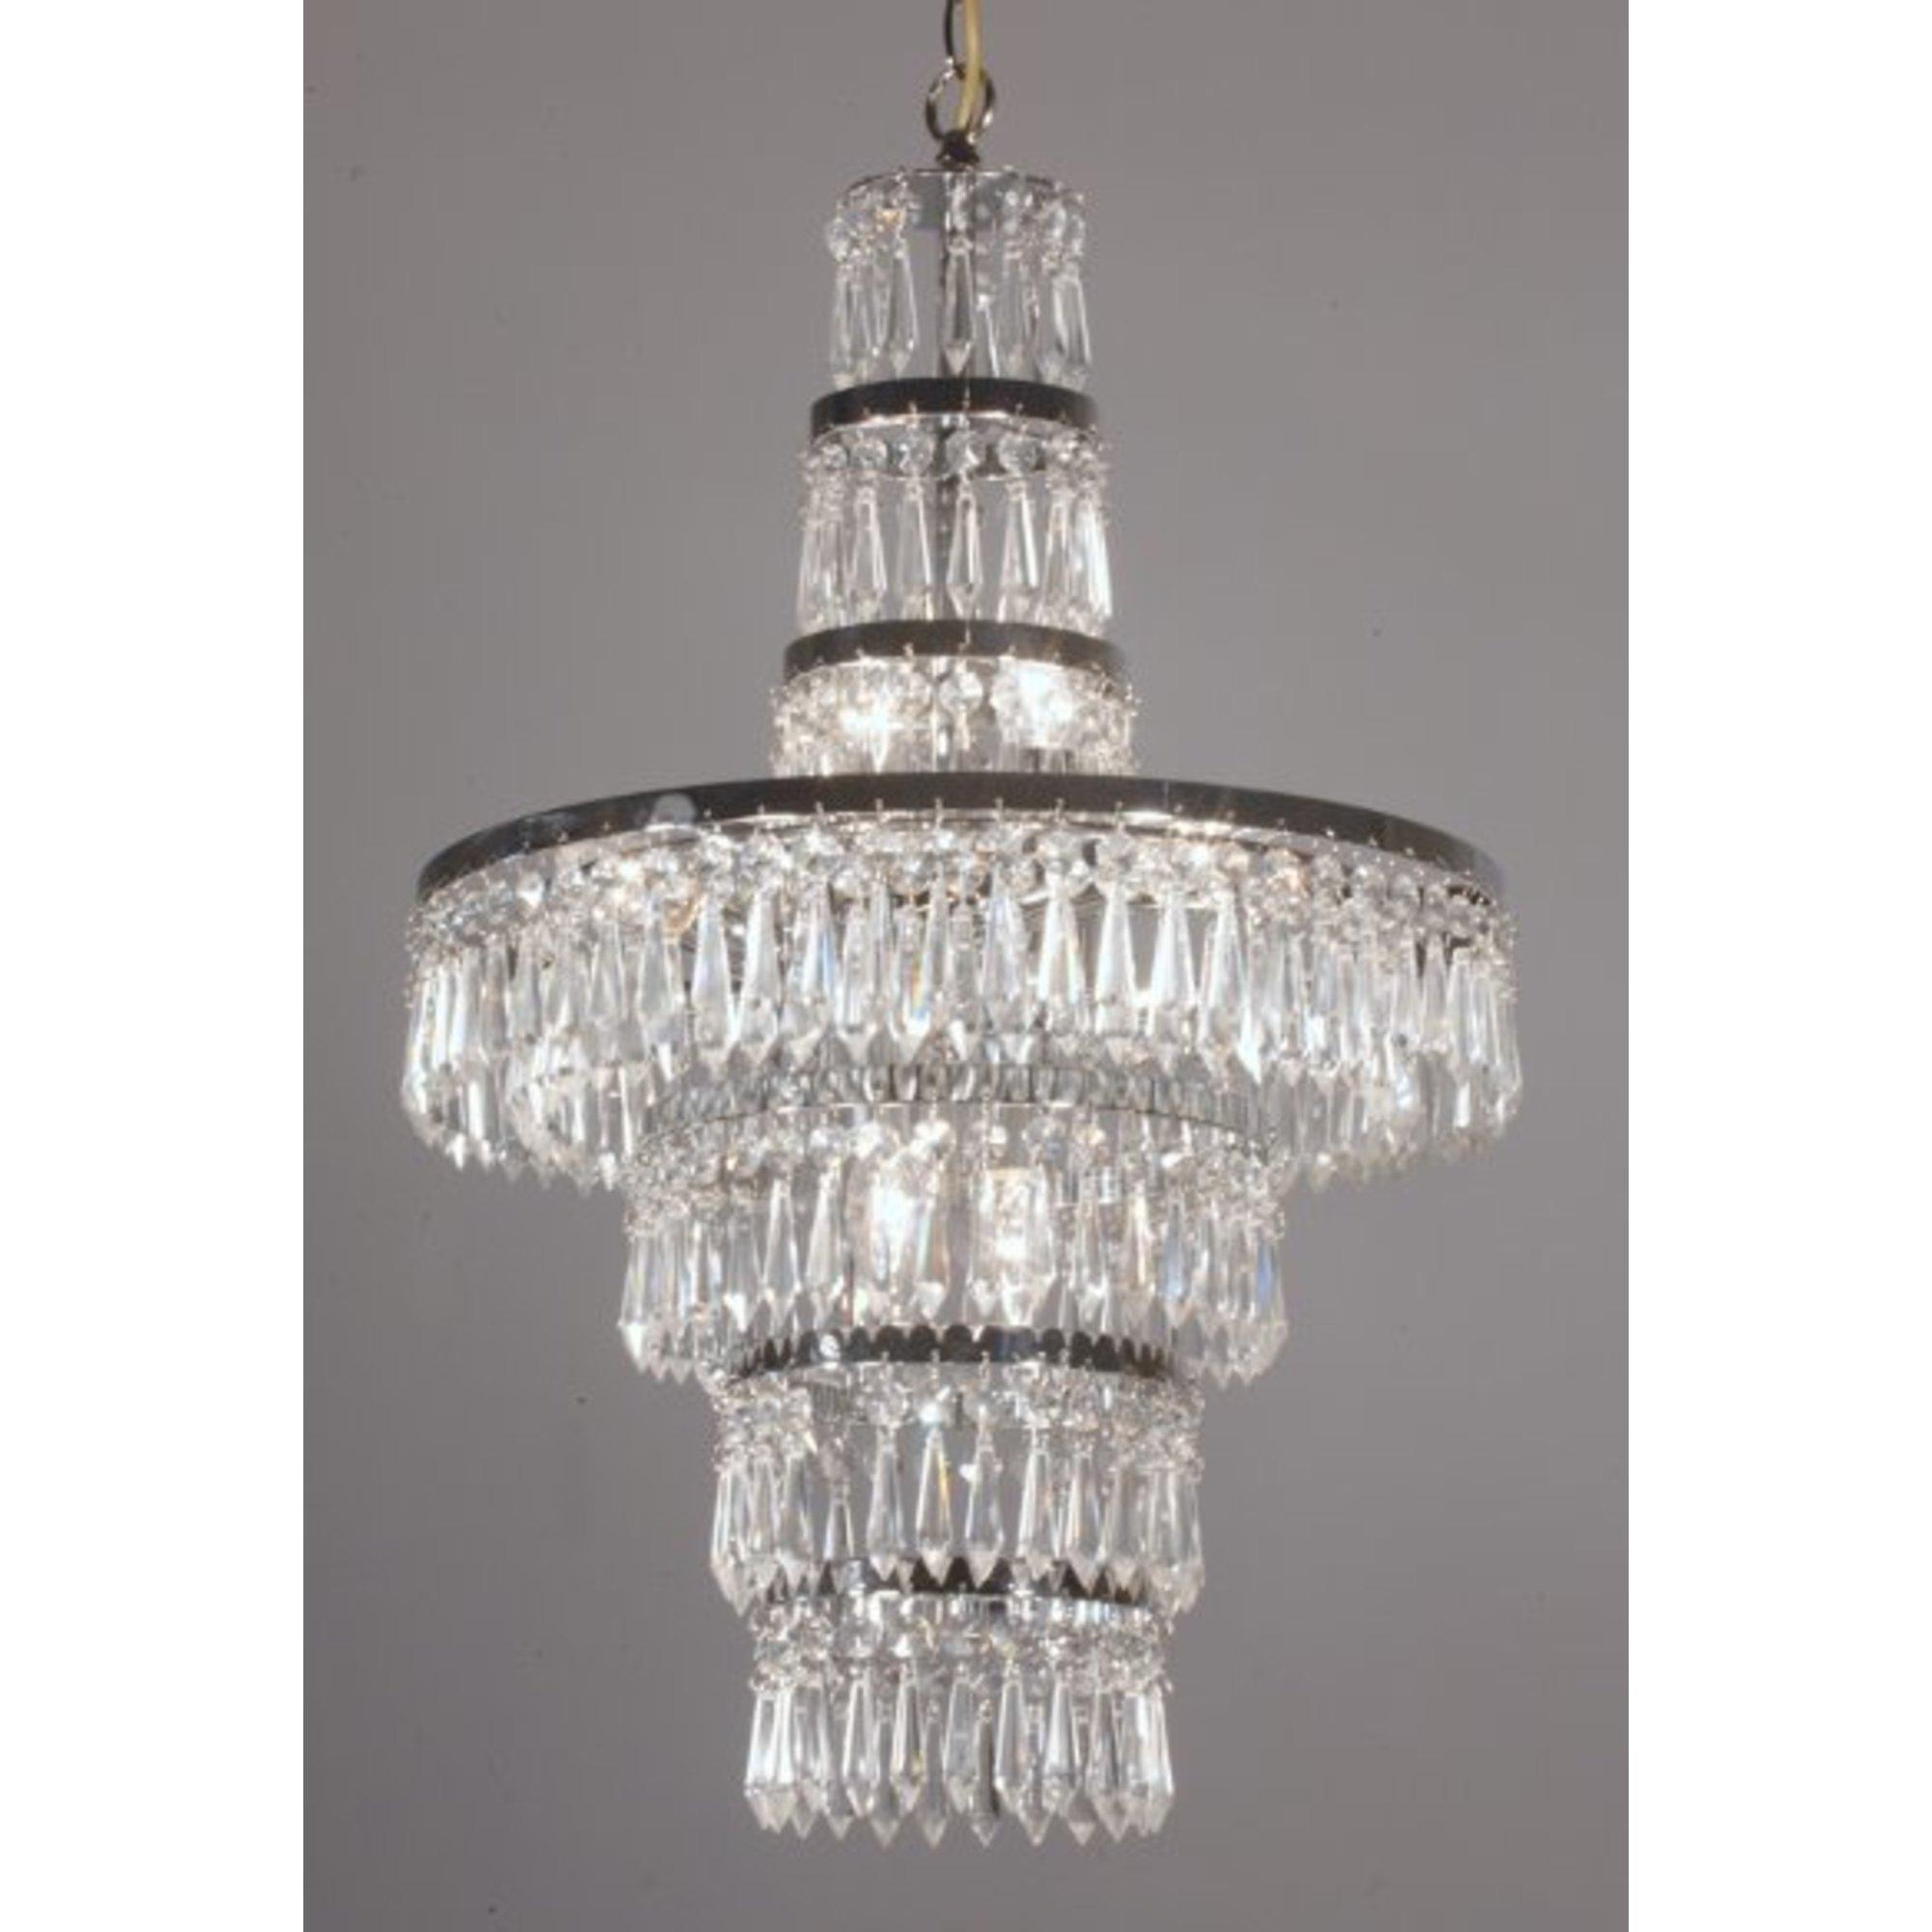 Crystal 3 Light Ceiling Light - Chrome